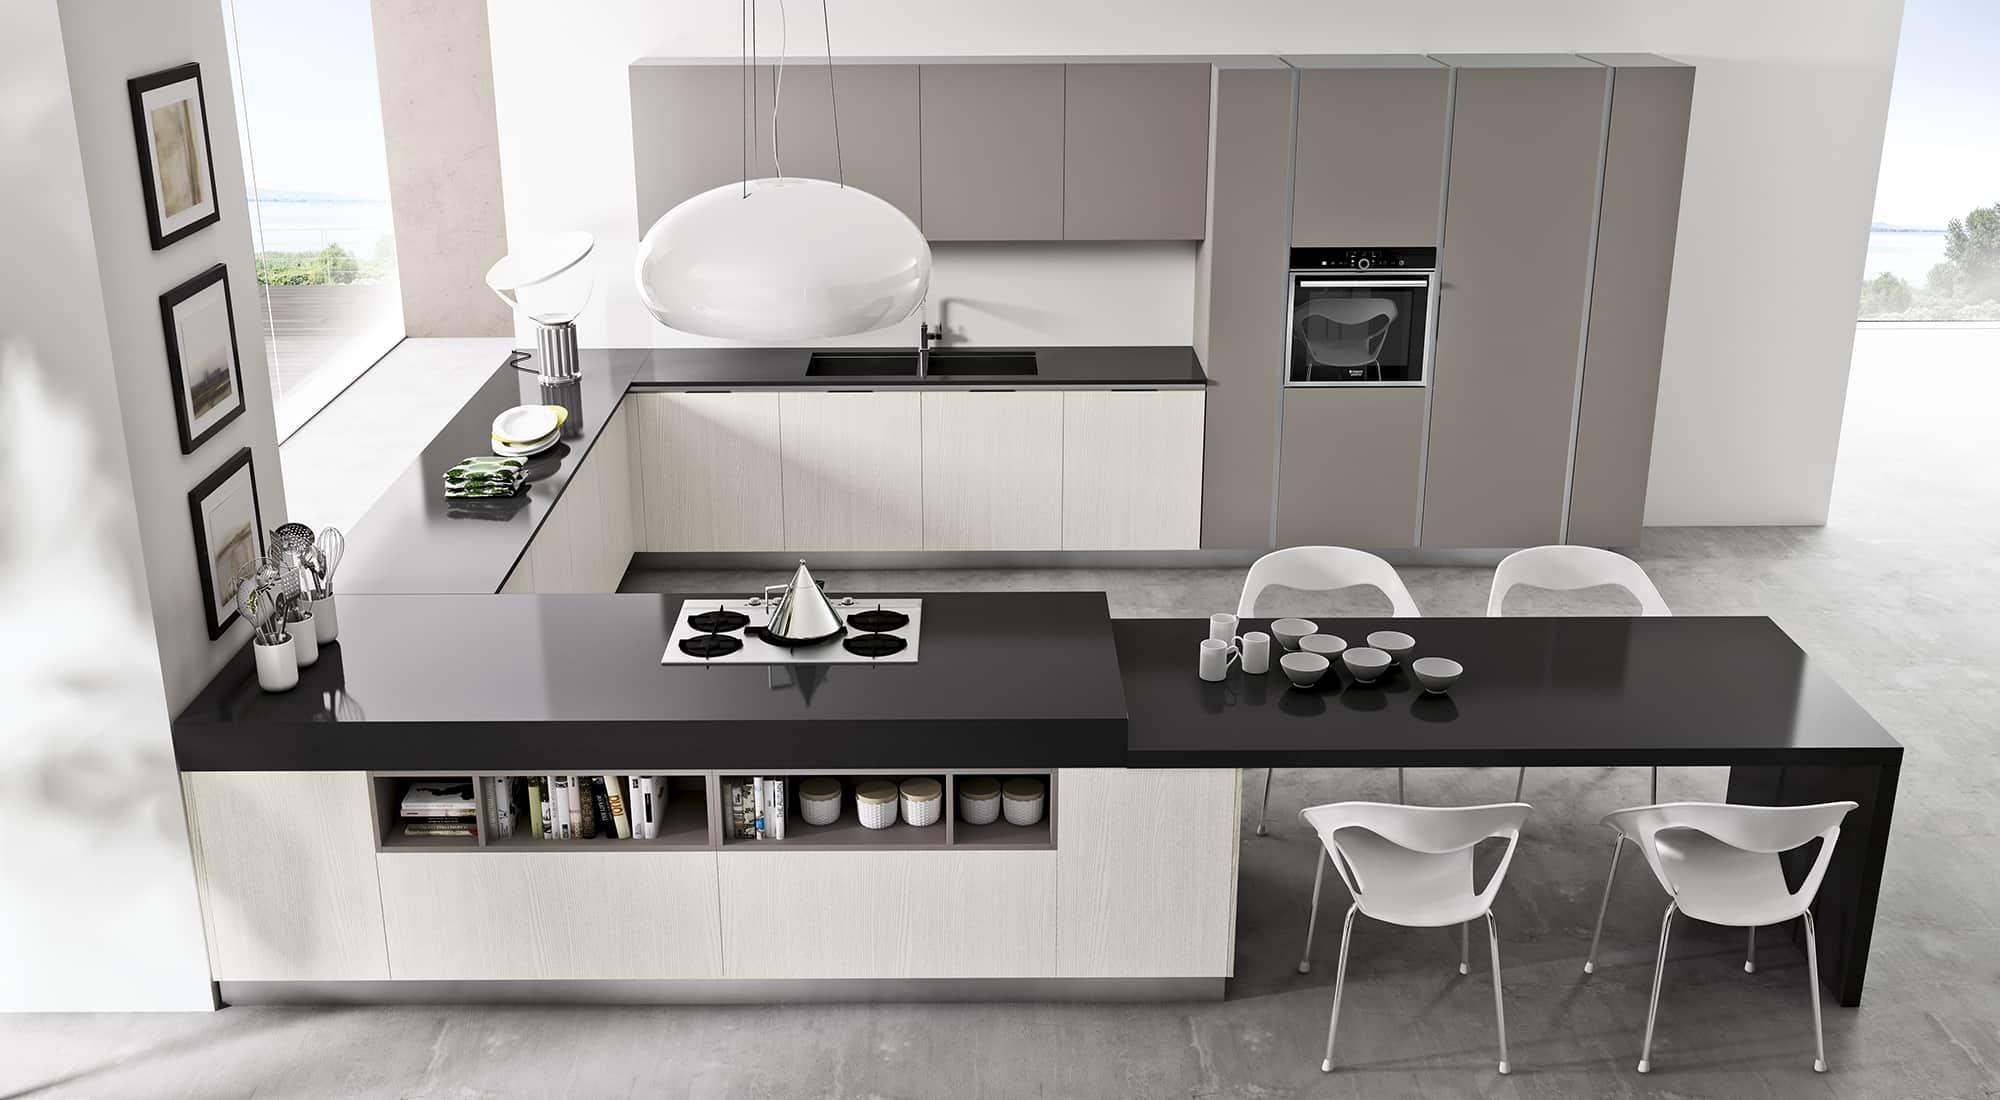 Cucina moderne idee per il design della casa - Cucina con penisola ...